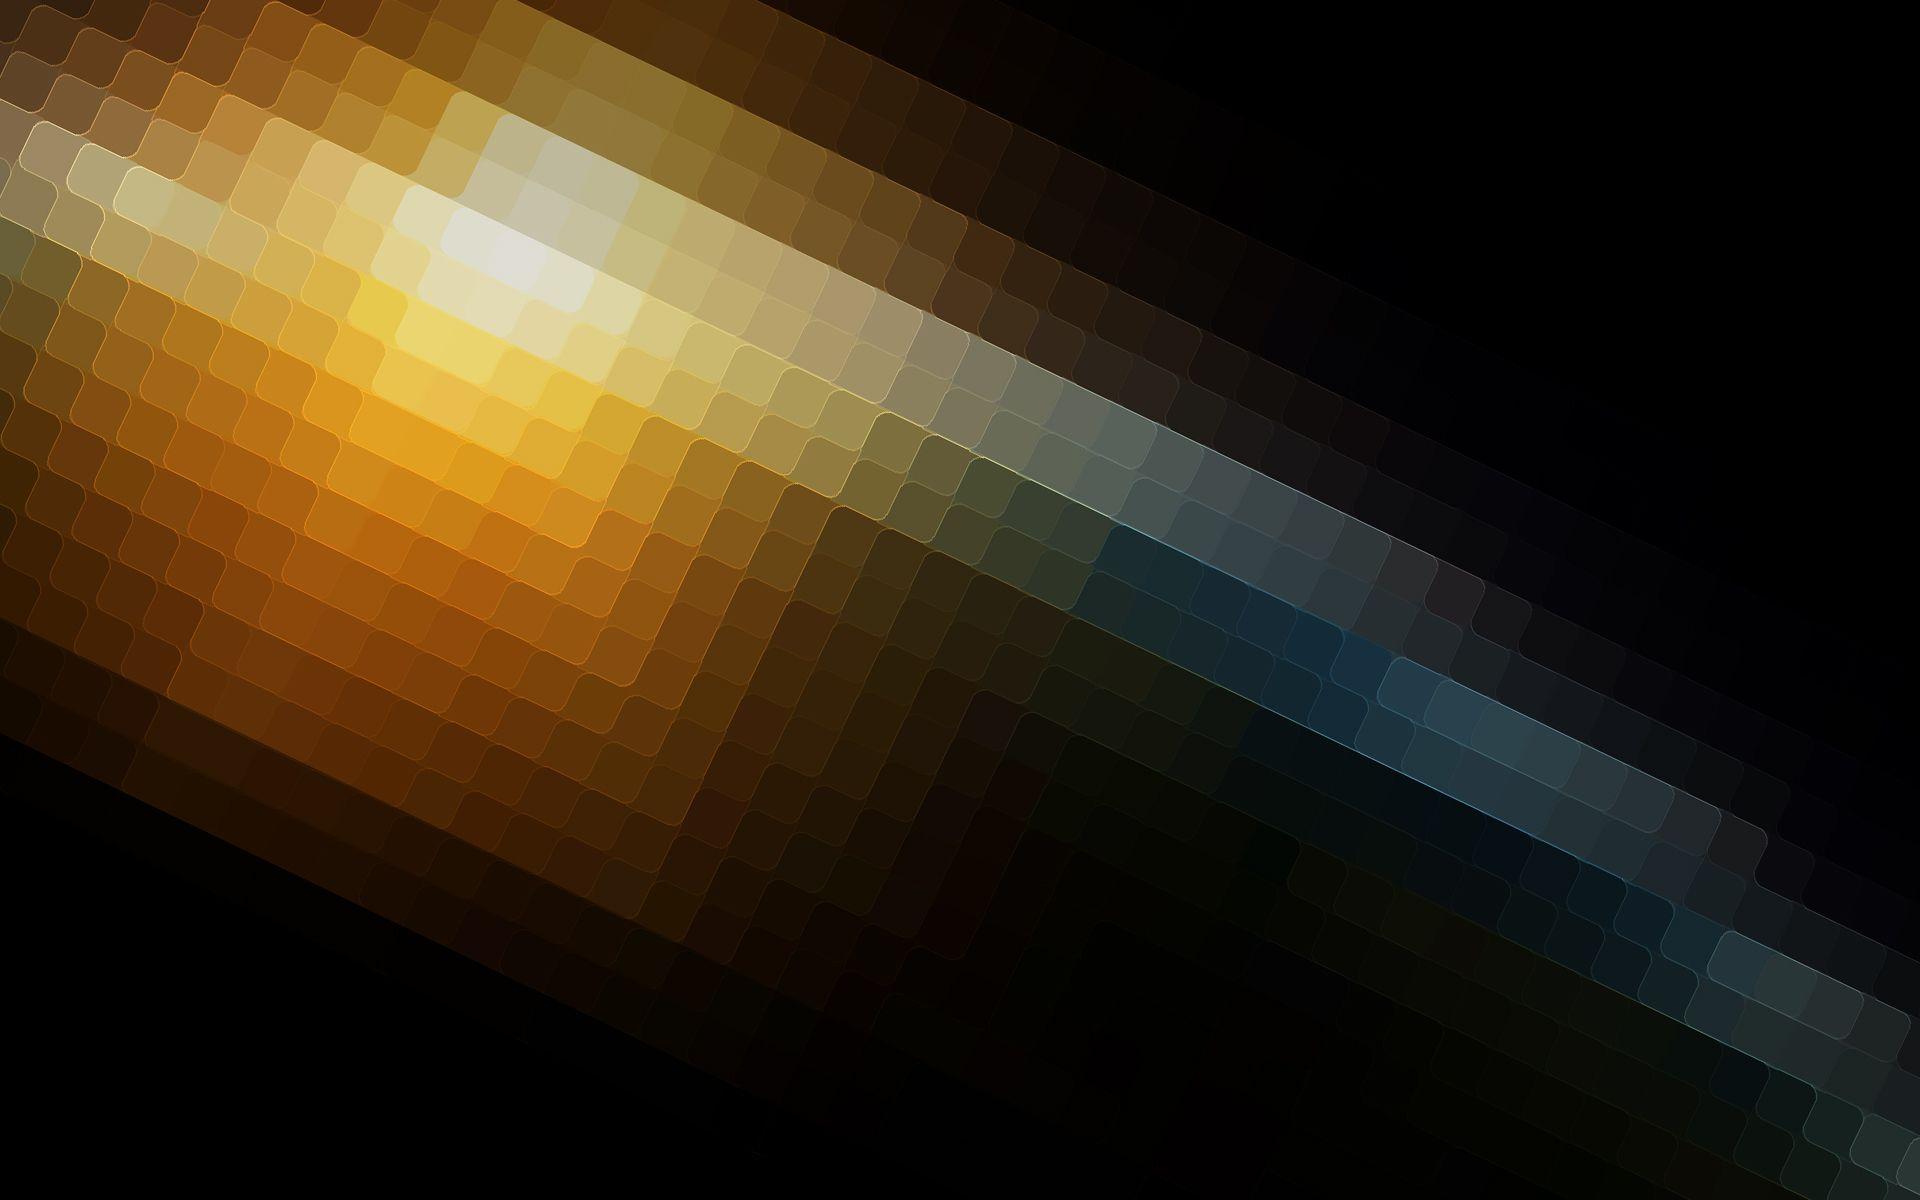 square pixels wallpaper 8227 1920 x 1200